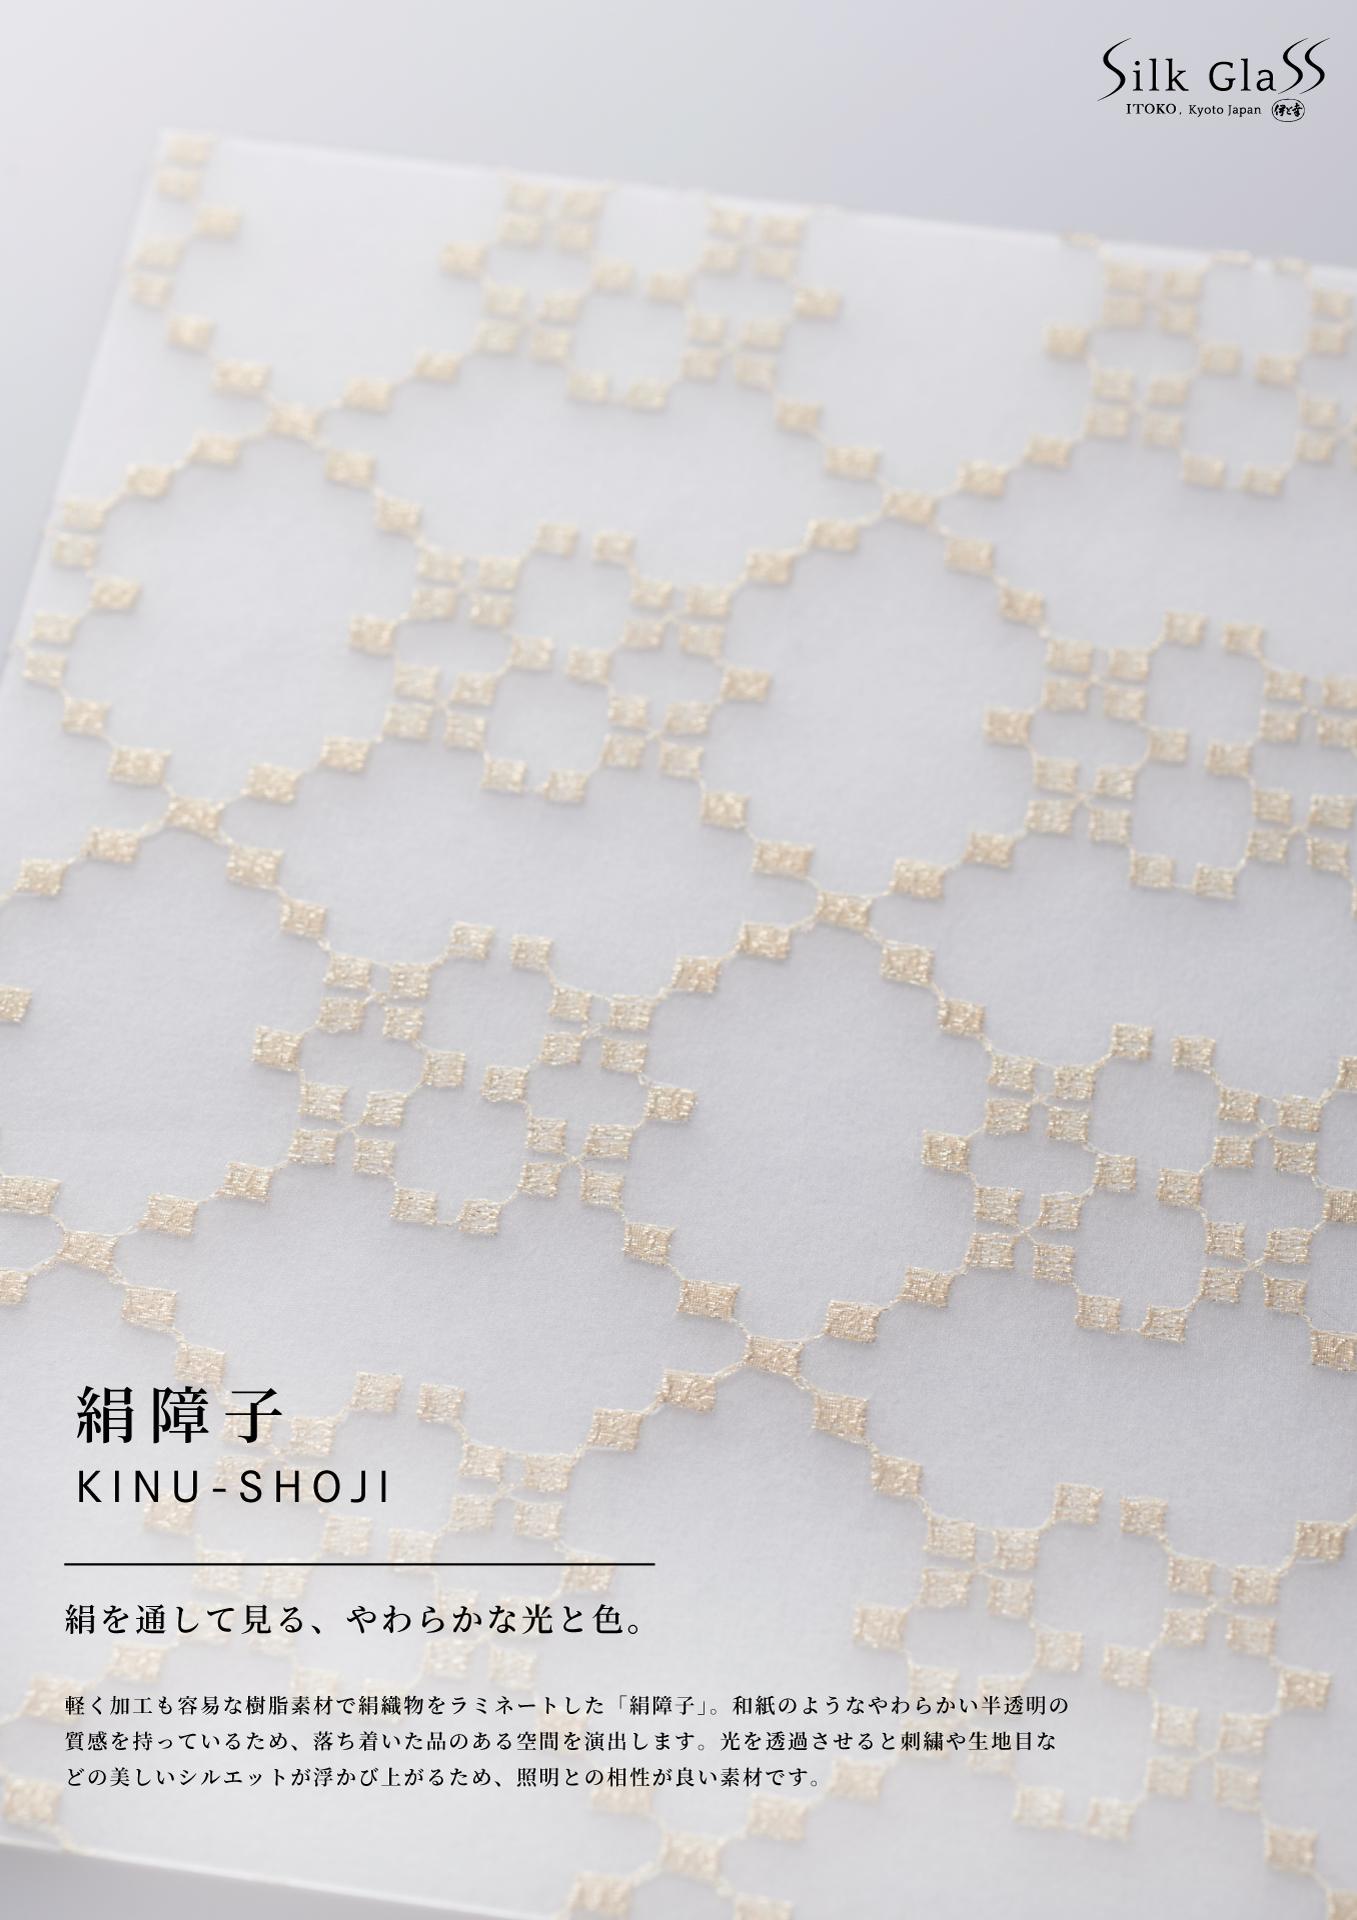 絹障子 KINU-SHOJI 1.886MB